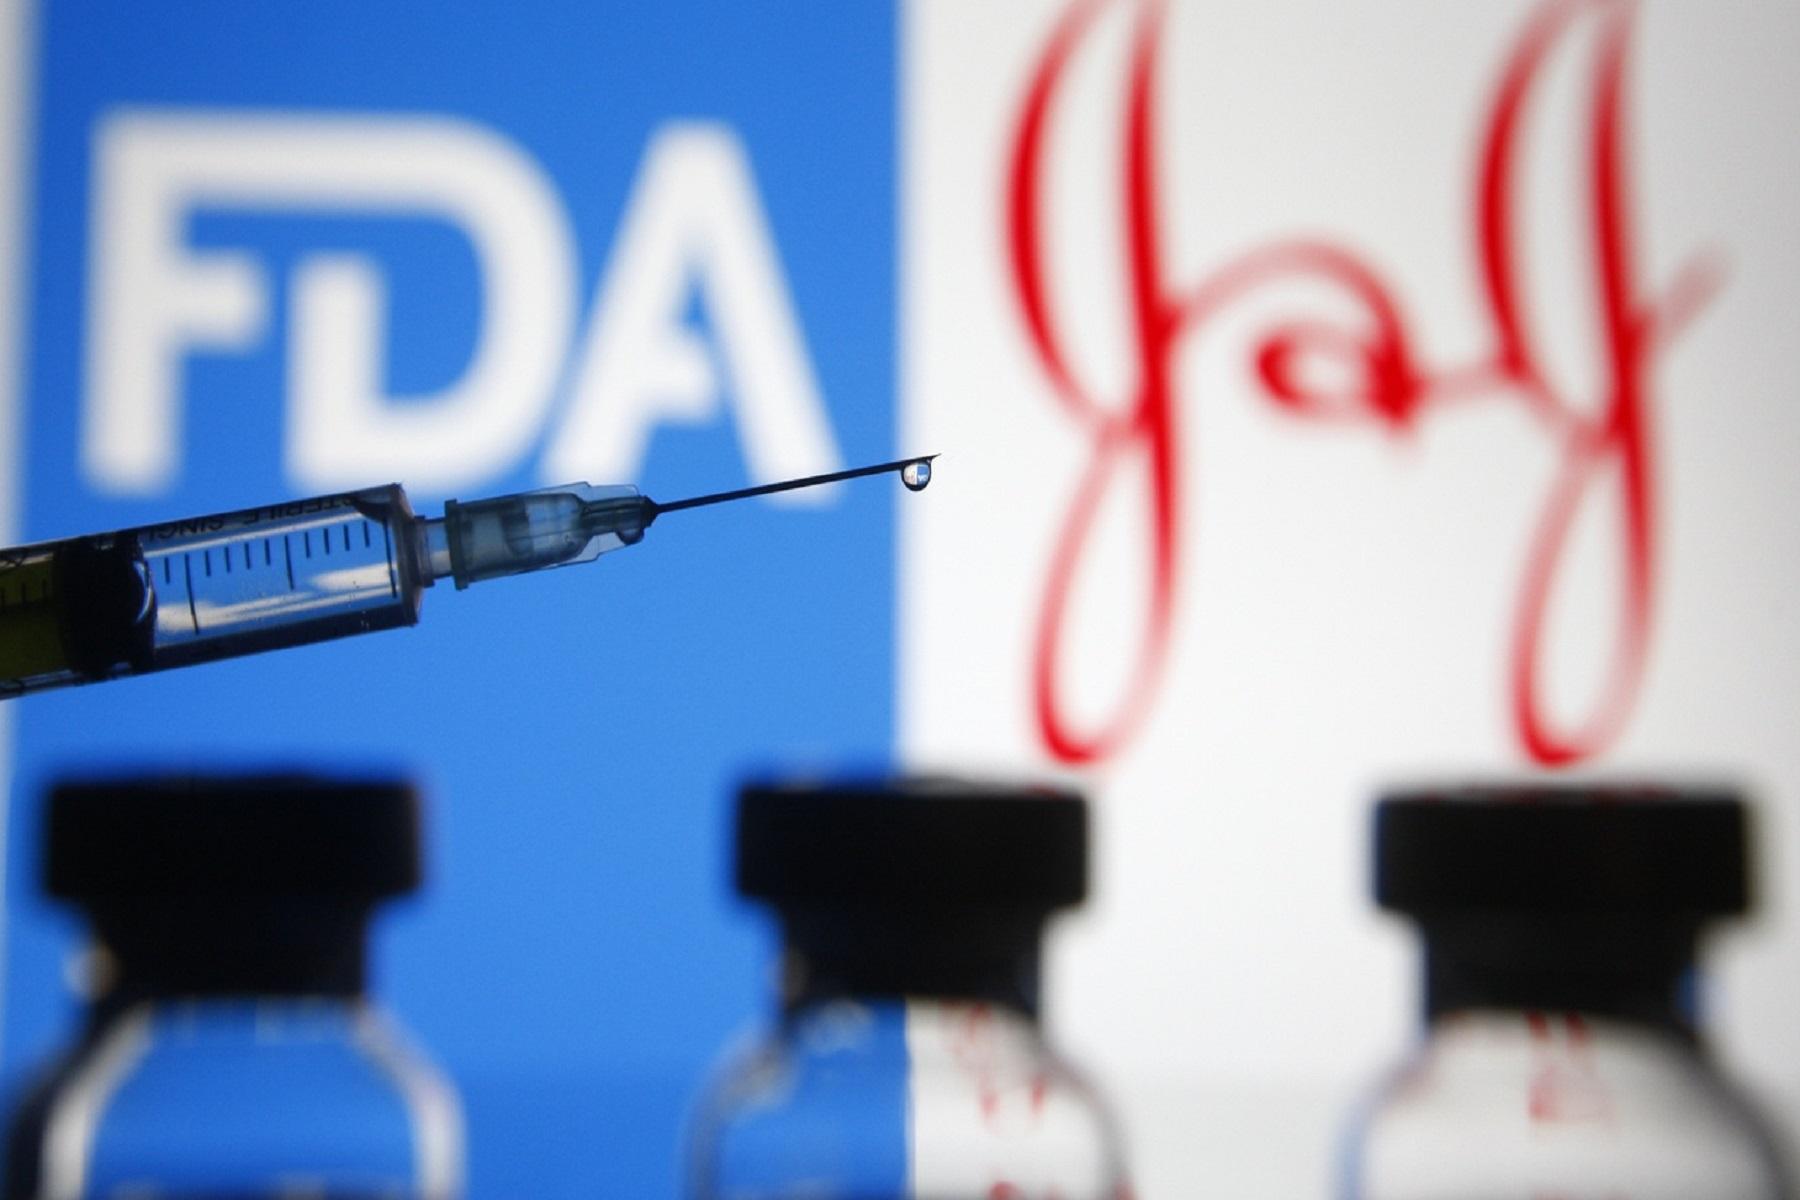 Εμβολιασμοί Διστακτικότητα: Πότε θα μπορούσαν τα εμβόλια COVID-19 της Moderna και της J&J να κερδίσουν την πλήρη έγκριση του FDA;